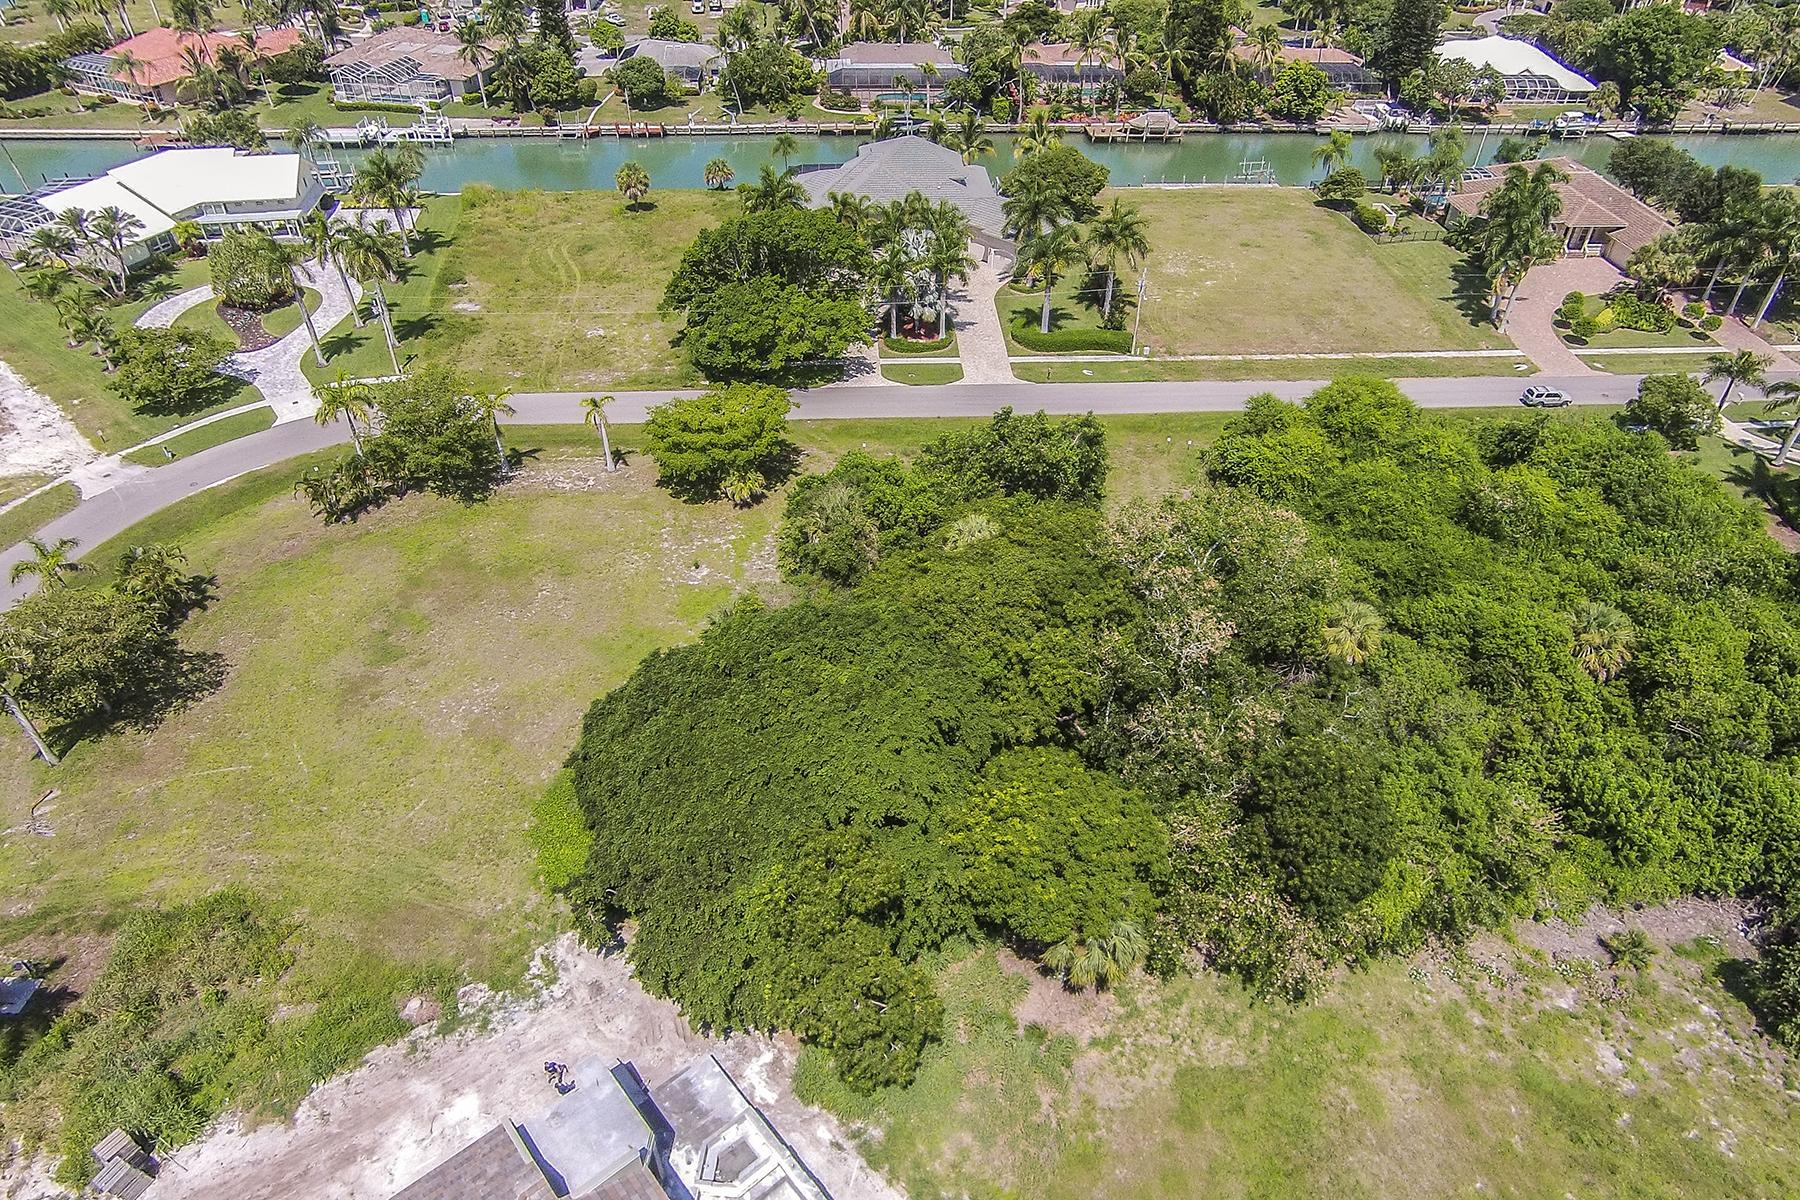 Terreno por un Venta en MARCO ISLAND - CAXAMBAS DR. 1070 Caxambas Dr Marco Island, Florida 34145 Estados Unidos